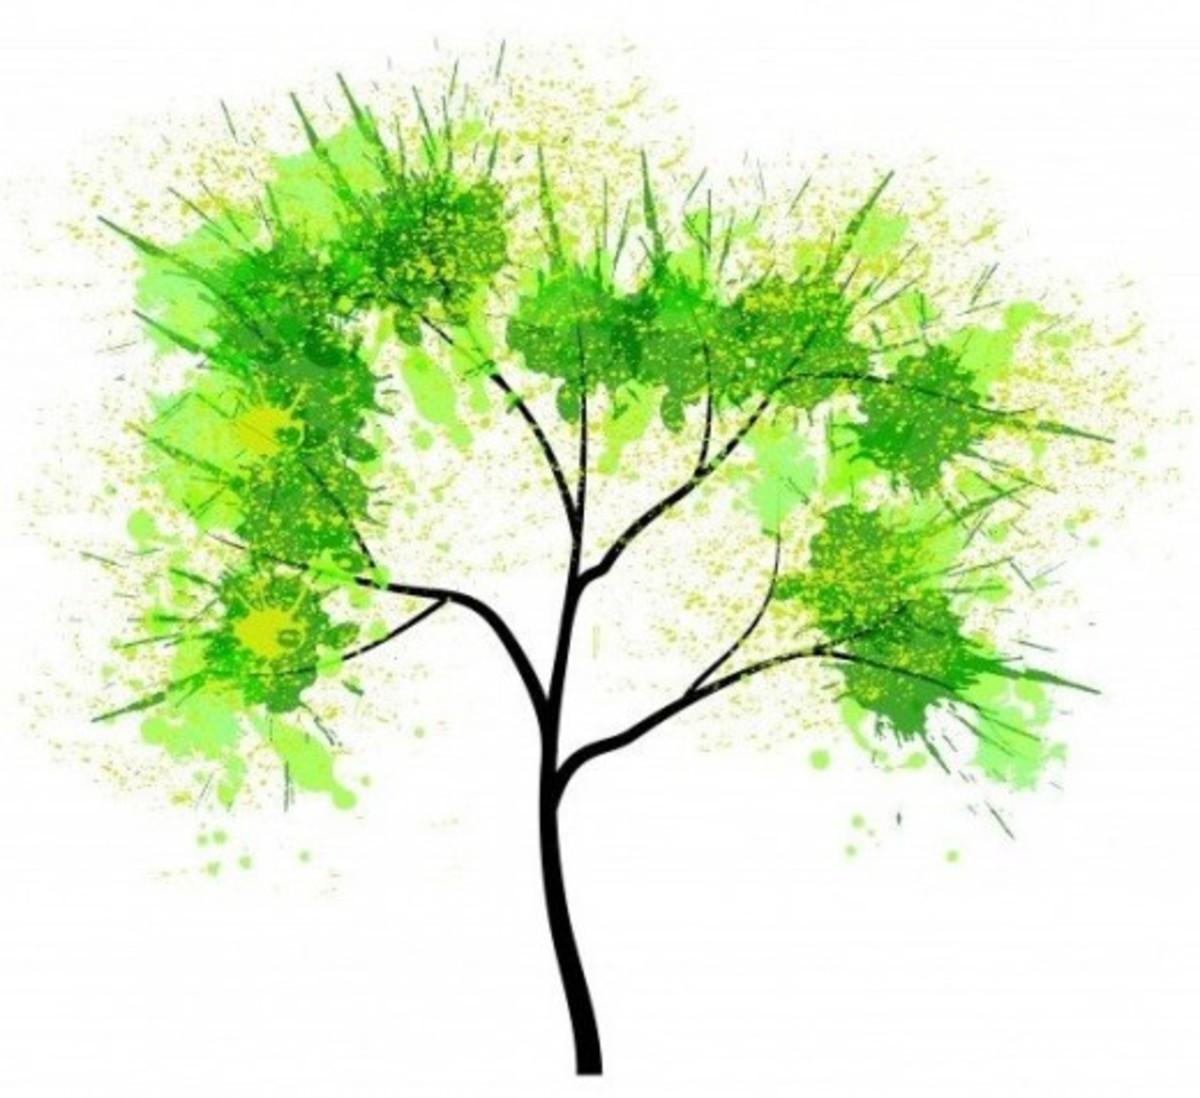 Splatter Paint Tree